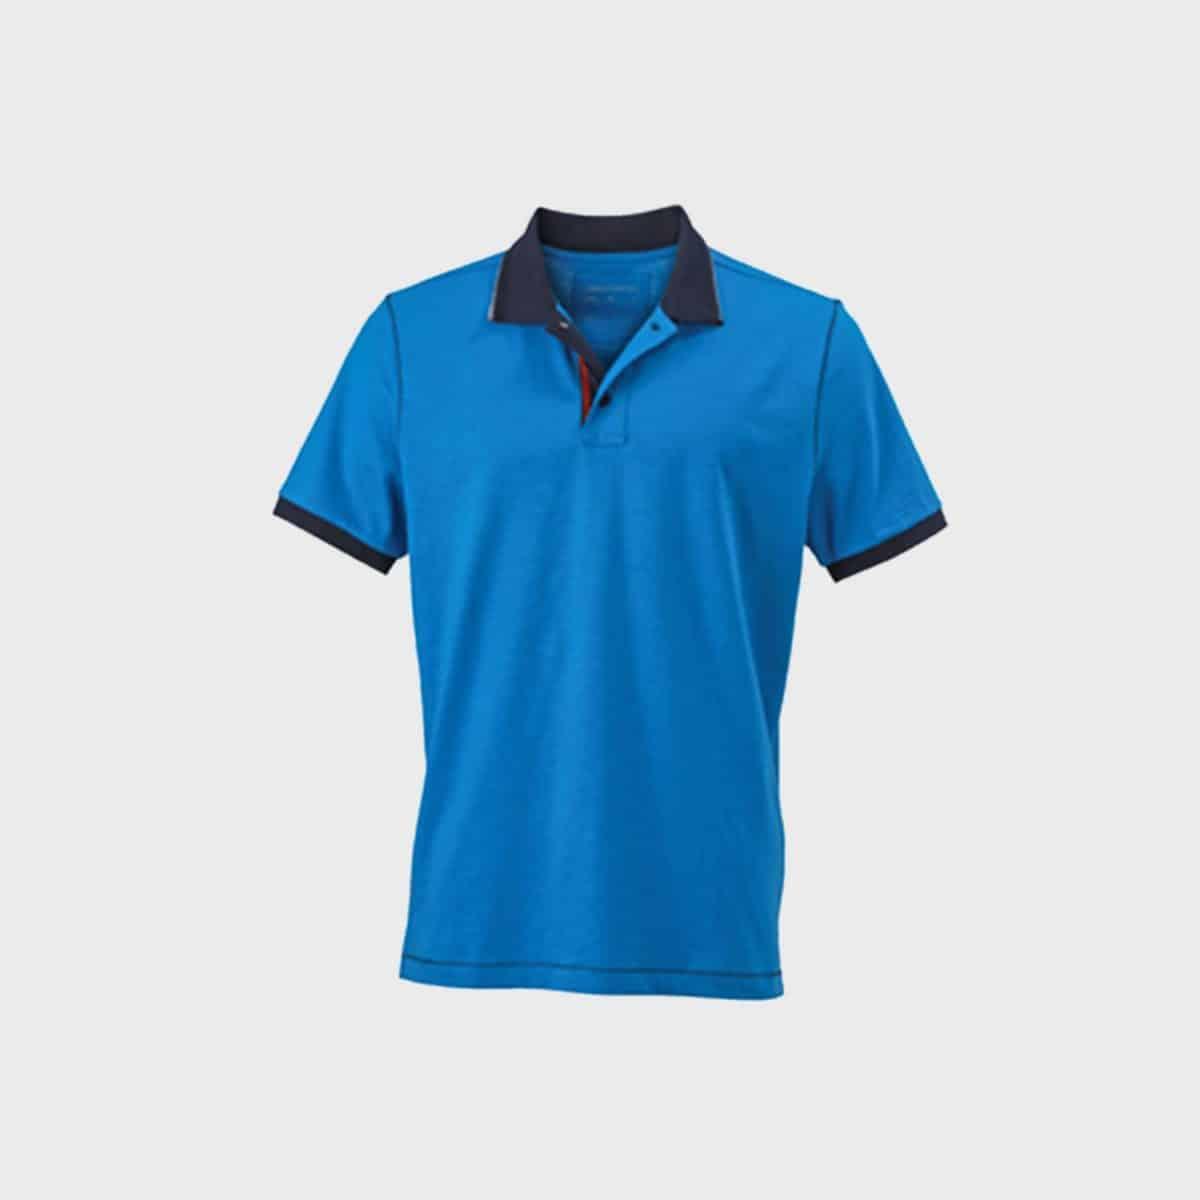 urban-polo-t-shirt-herren-azur-navy-kaufen-besticken_stickmanufaktur